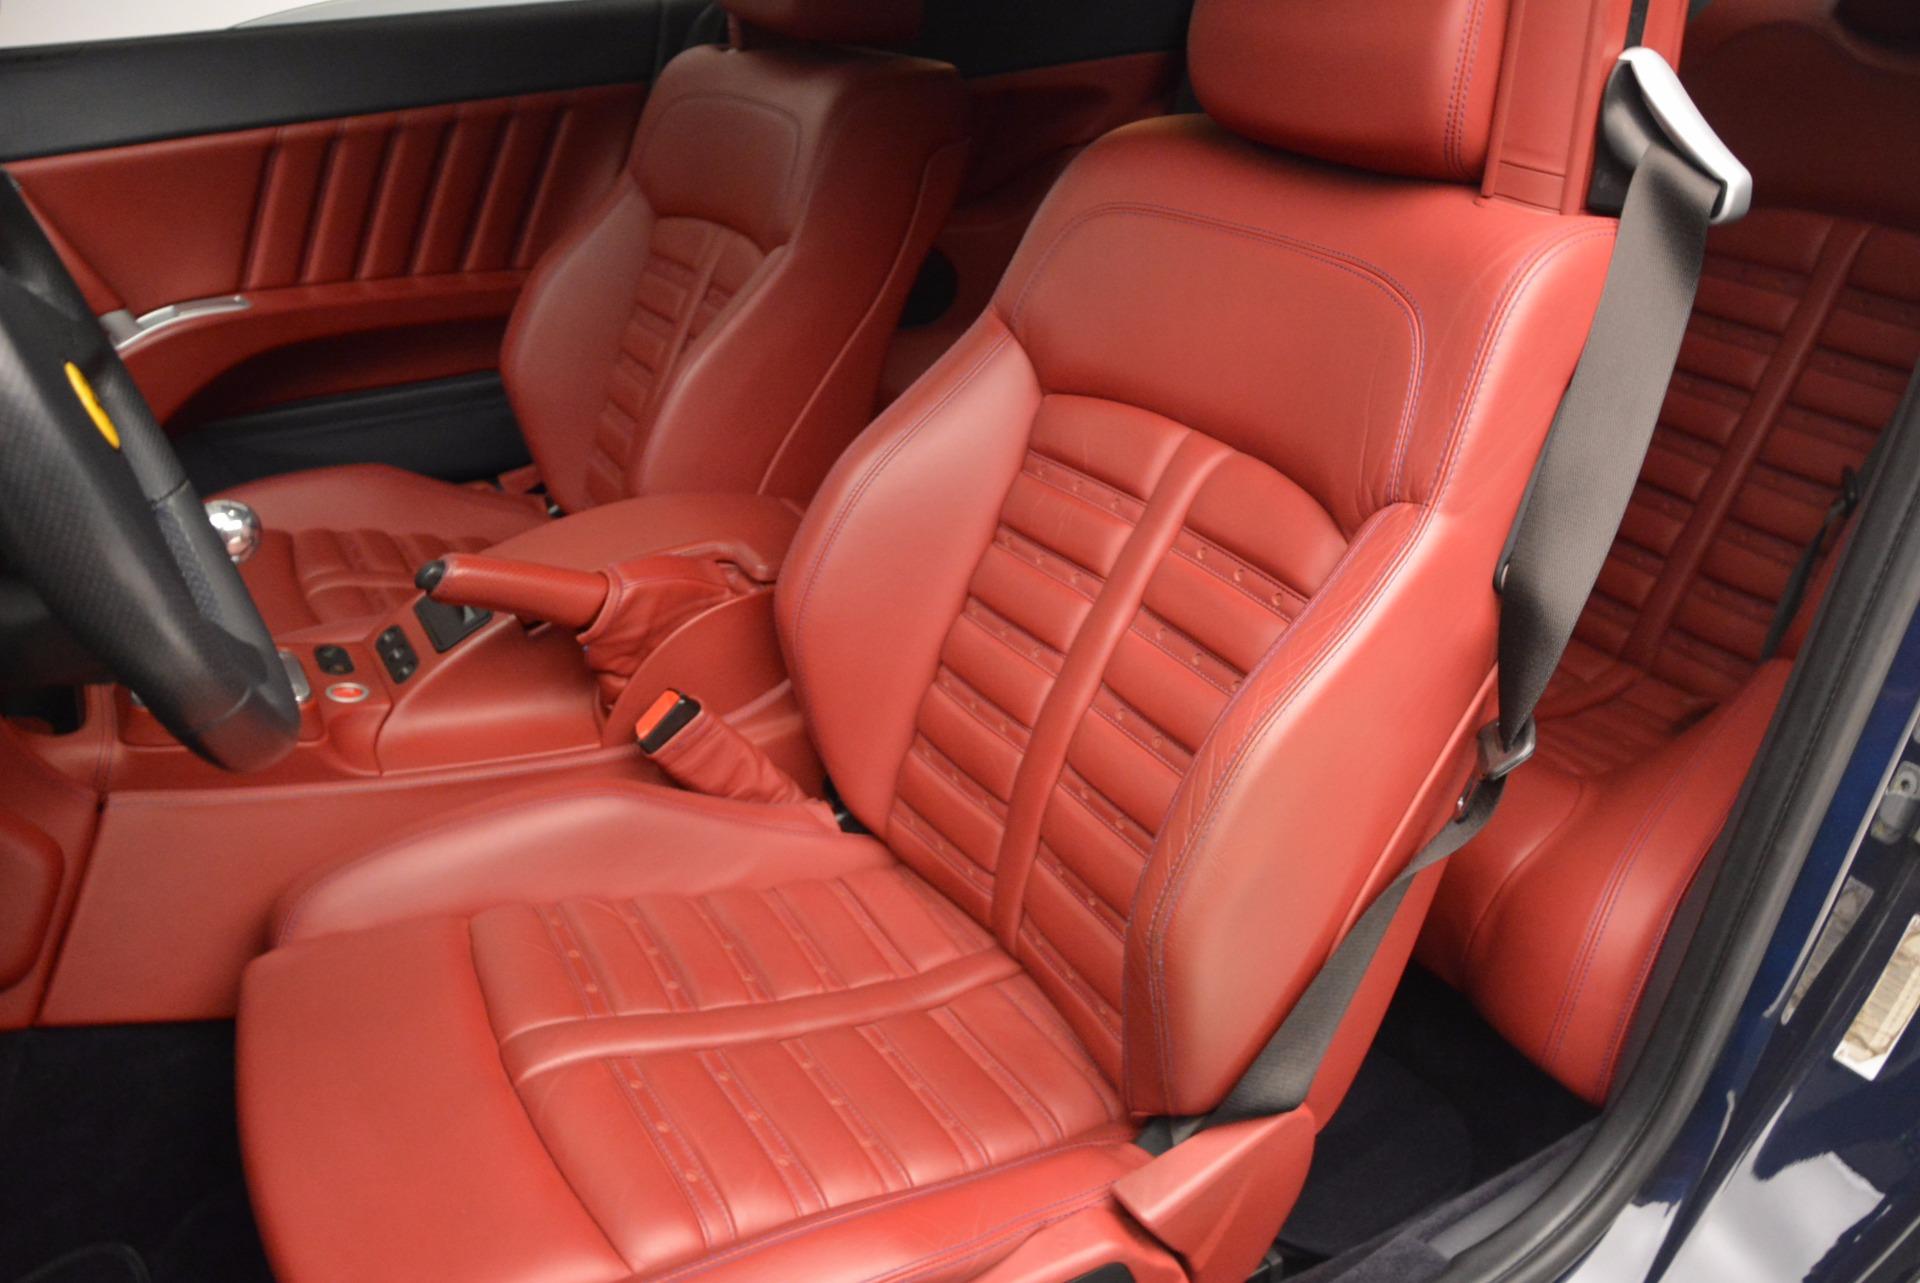 Used 2005 Ferrari 612 Scaglietti 6-Speed Manual For Sale In Greenwich, CT 854_p15